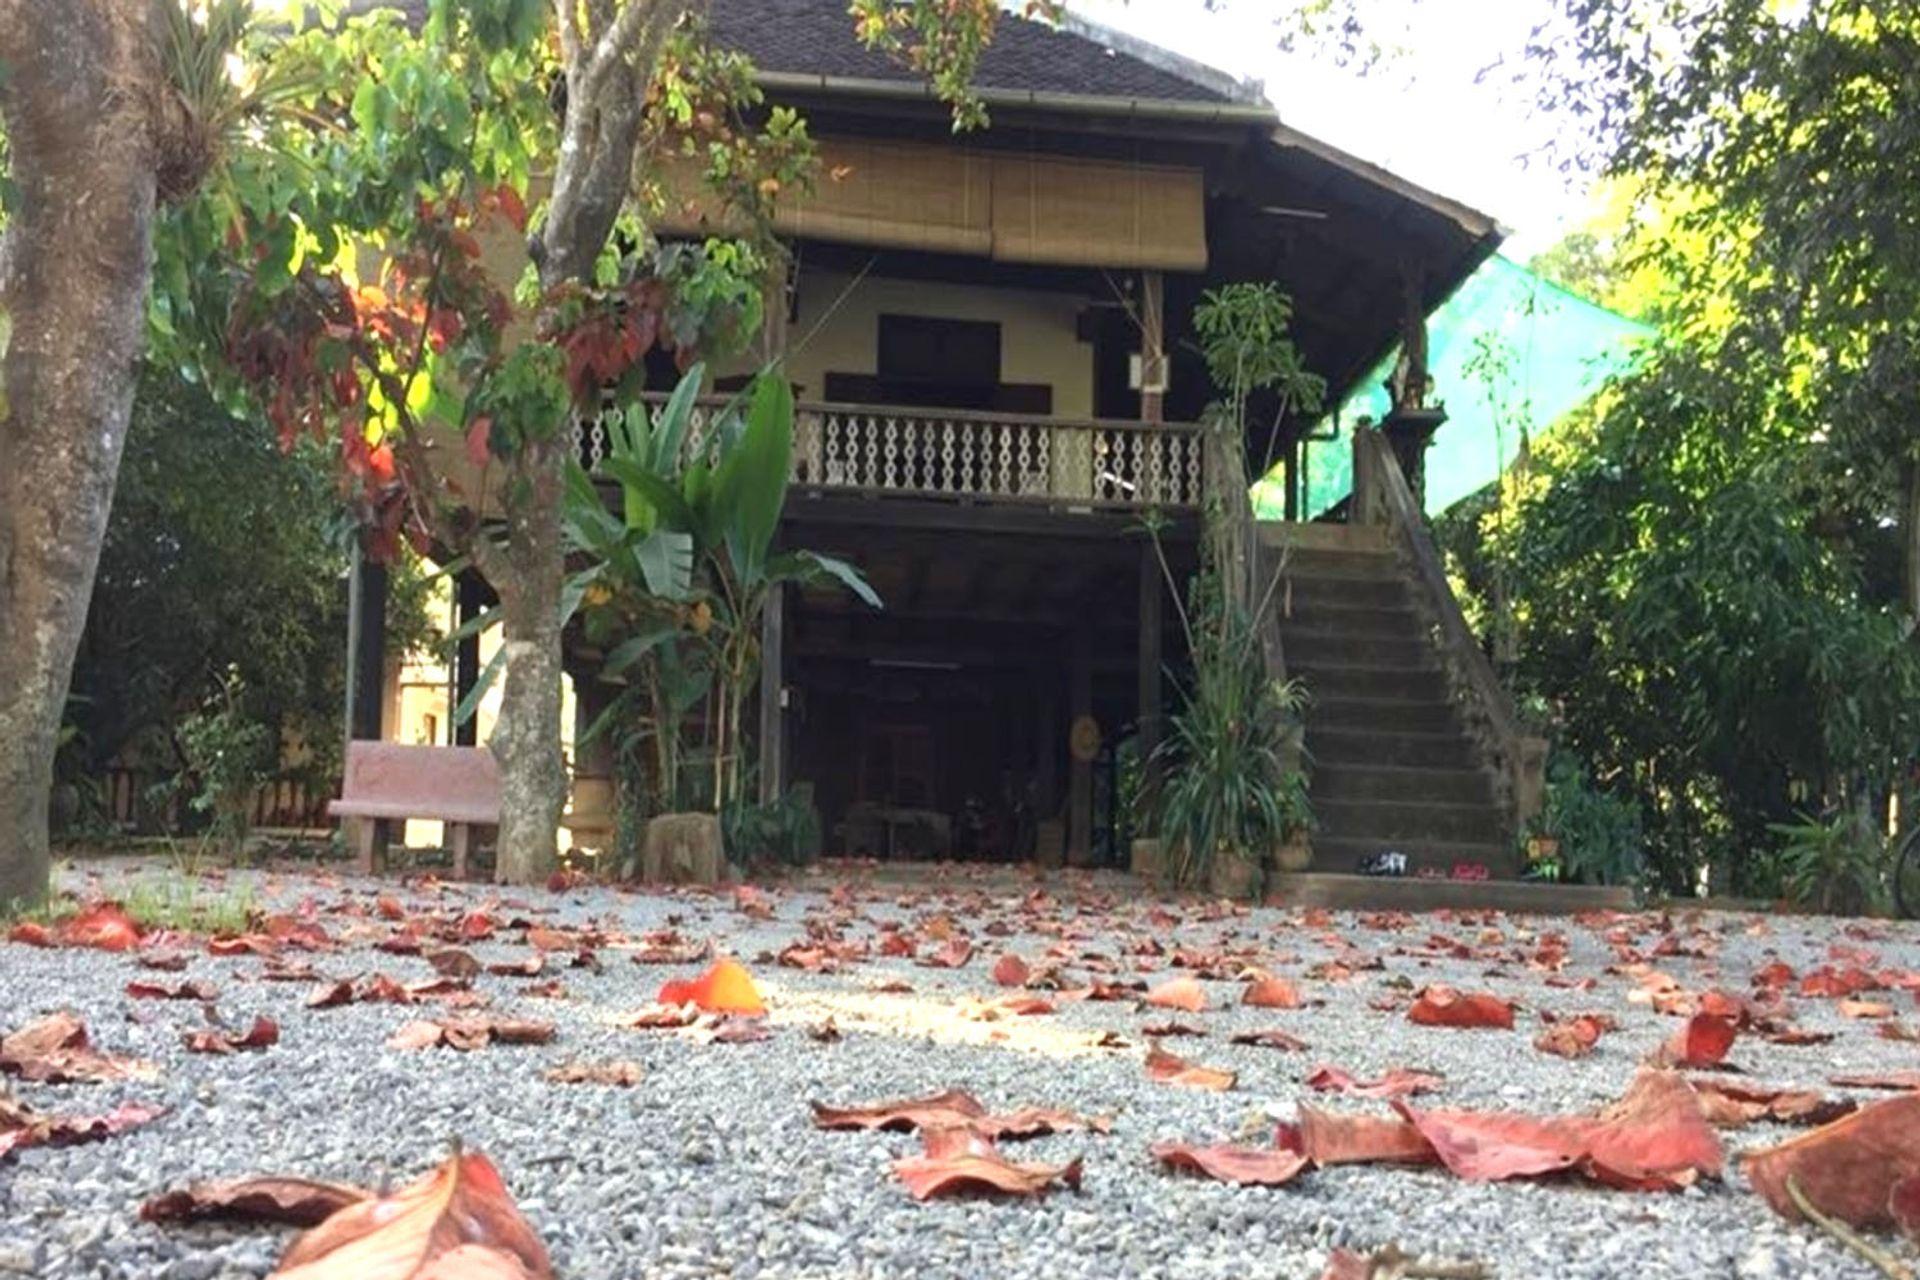 Tham quan ngôi nhà cổ của bà Bun Roeung